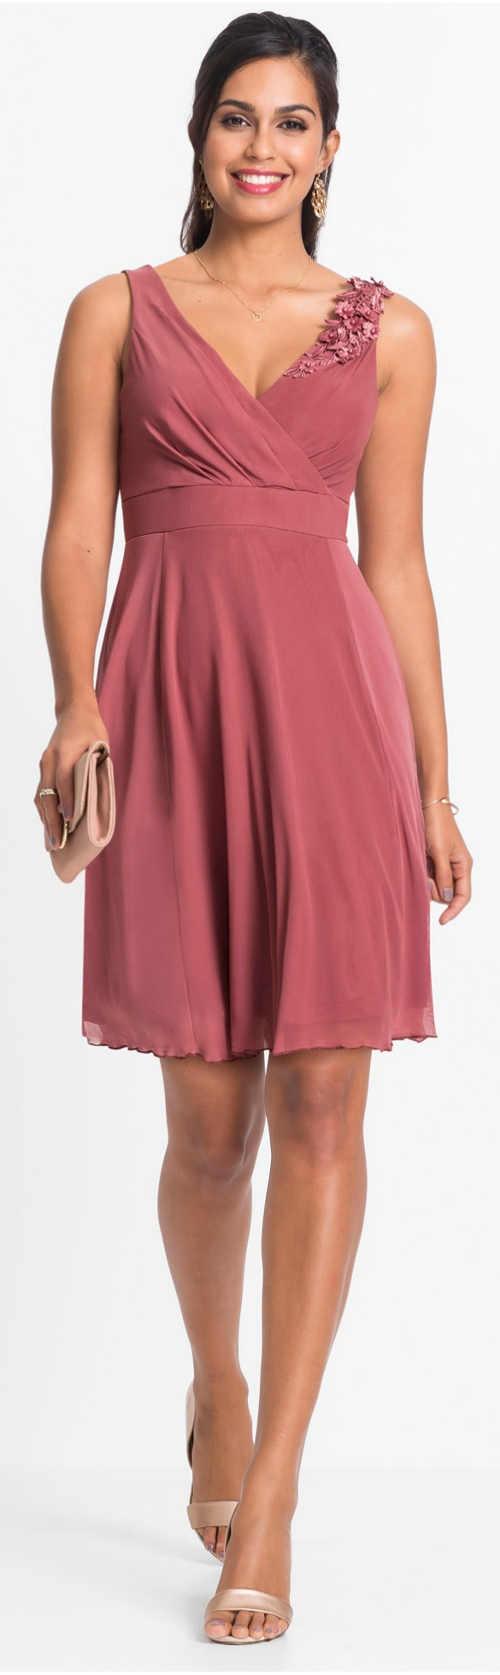 Růžové dámské společenské šaty s krajkovou aplikaci